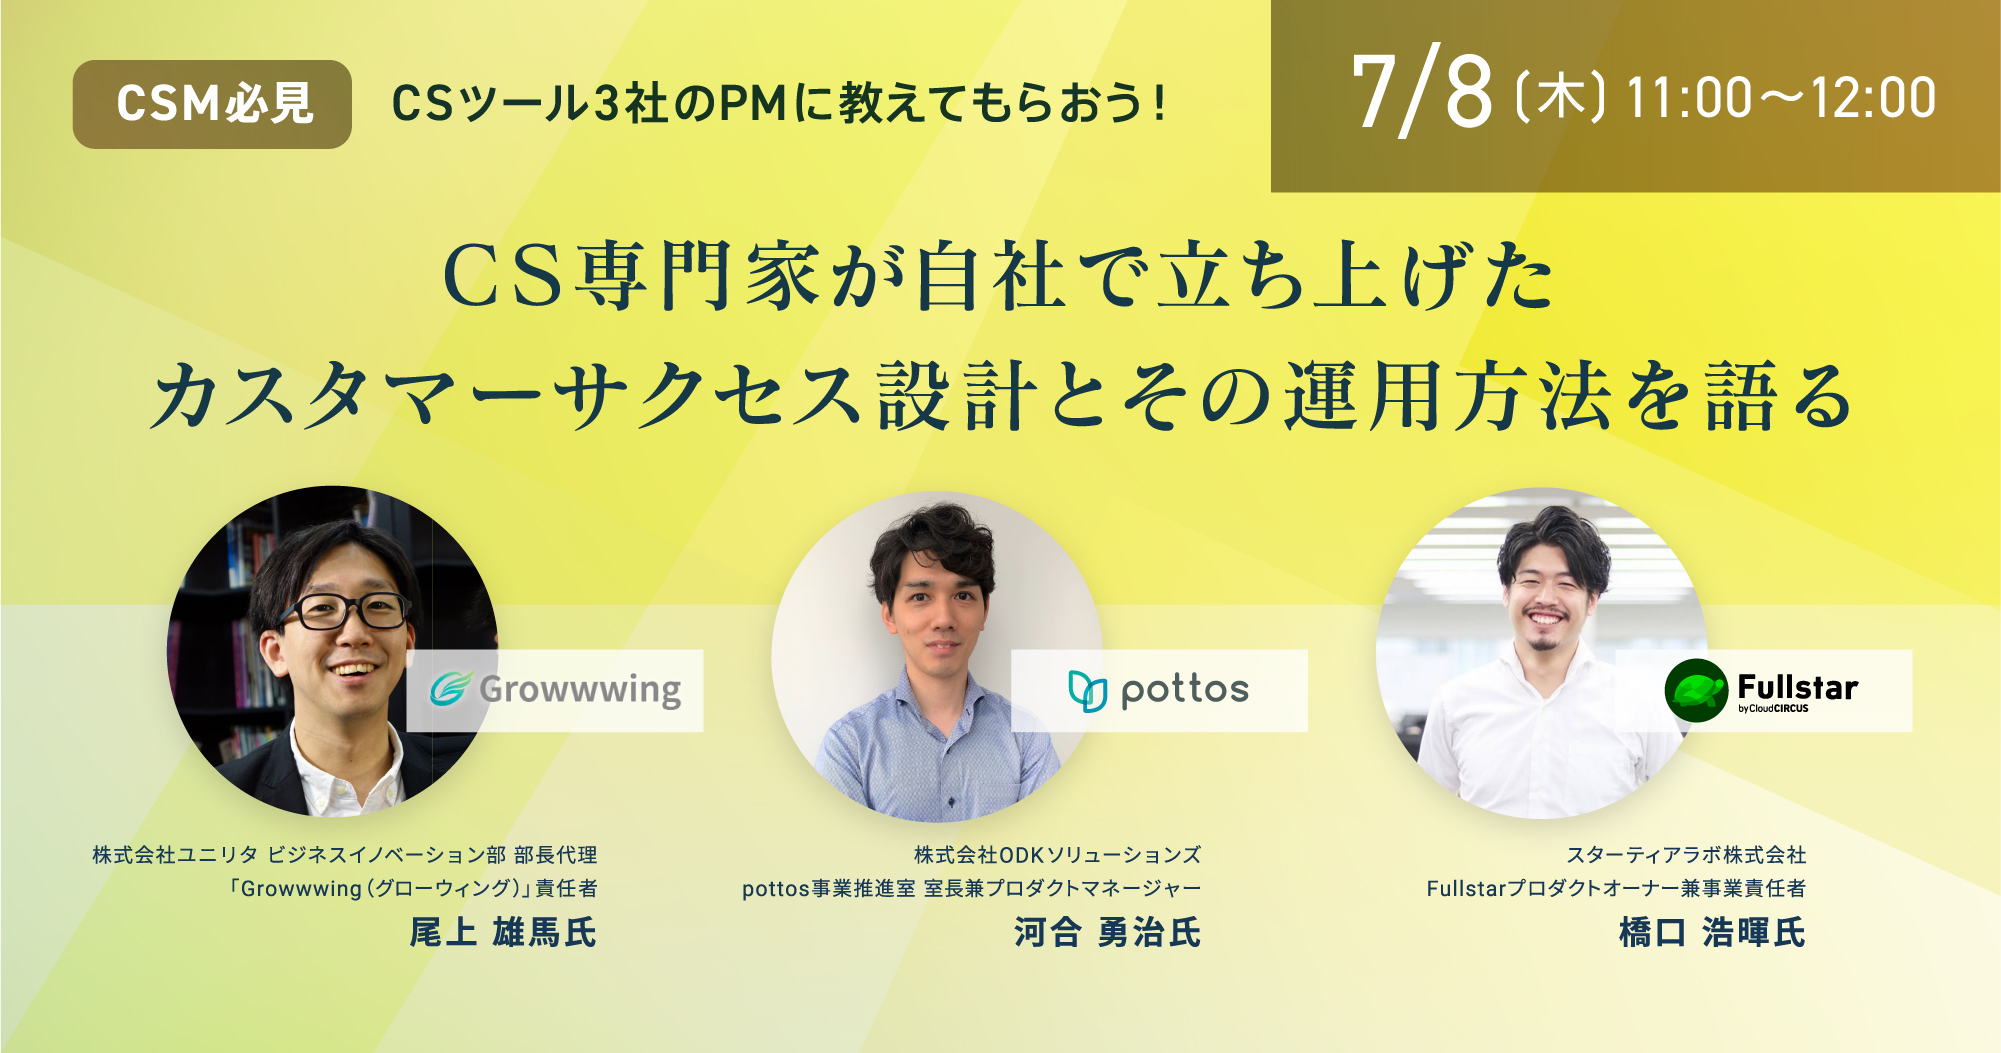 【7月8日(木)】[CSM必見]CSツール3社のPMに教えてもらおう!CS専門家が自社で立ち上げたカスタマーサクセス設計とその運用方法を語る